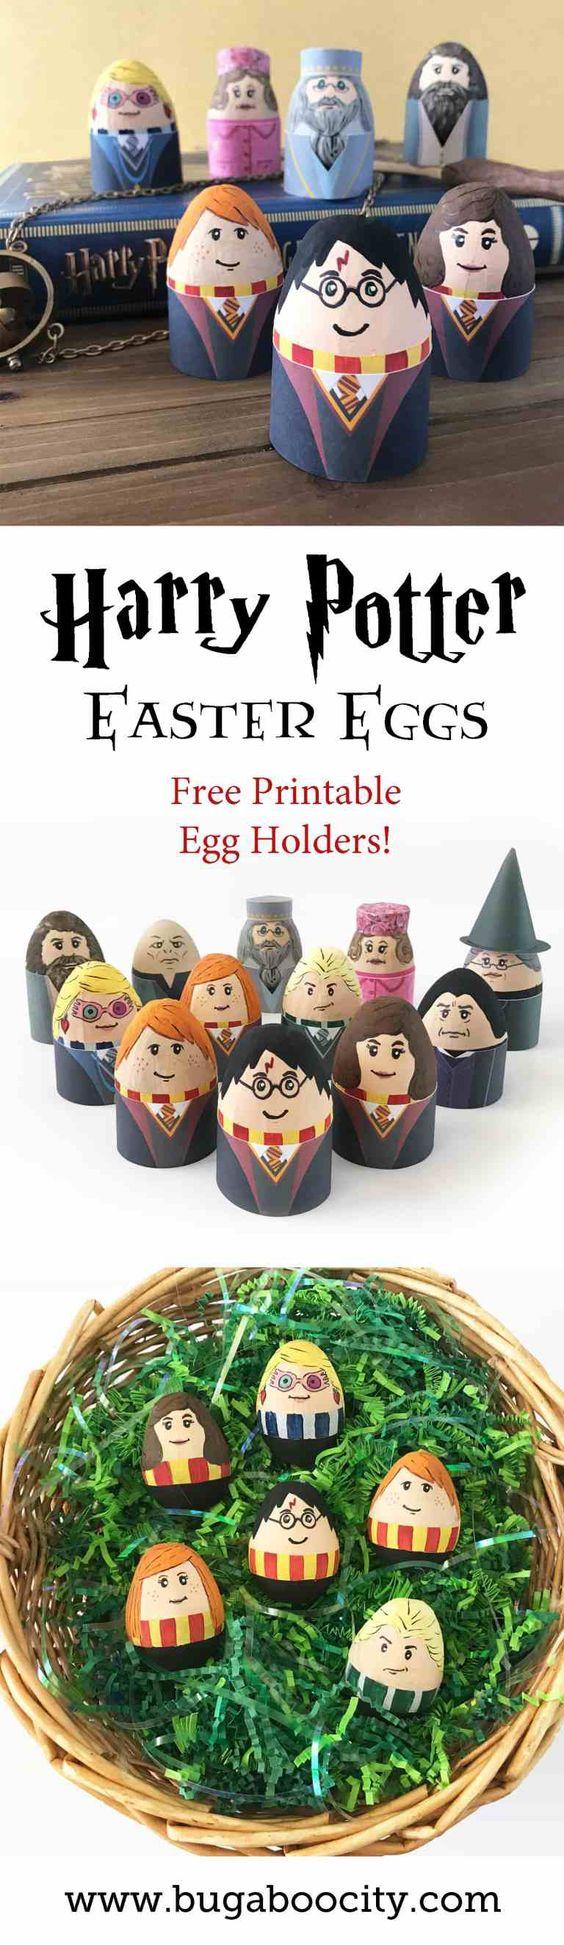 Harry Potter Easter Eggs Free Printable Egg Wrappers Harry Potter Easter Eggs Easter Eggs Diy Easter Eggs Kids